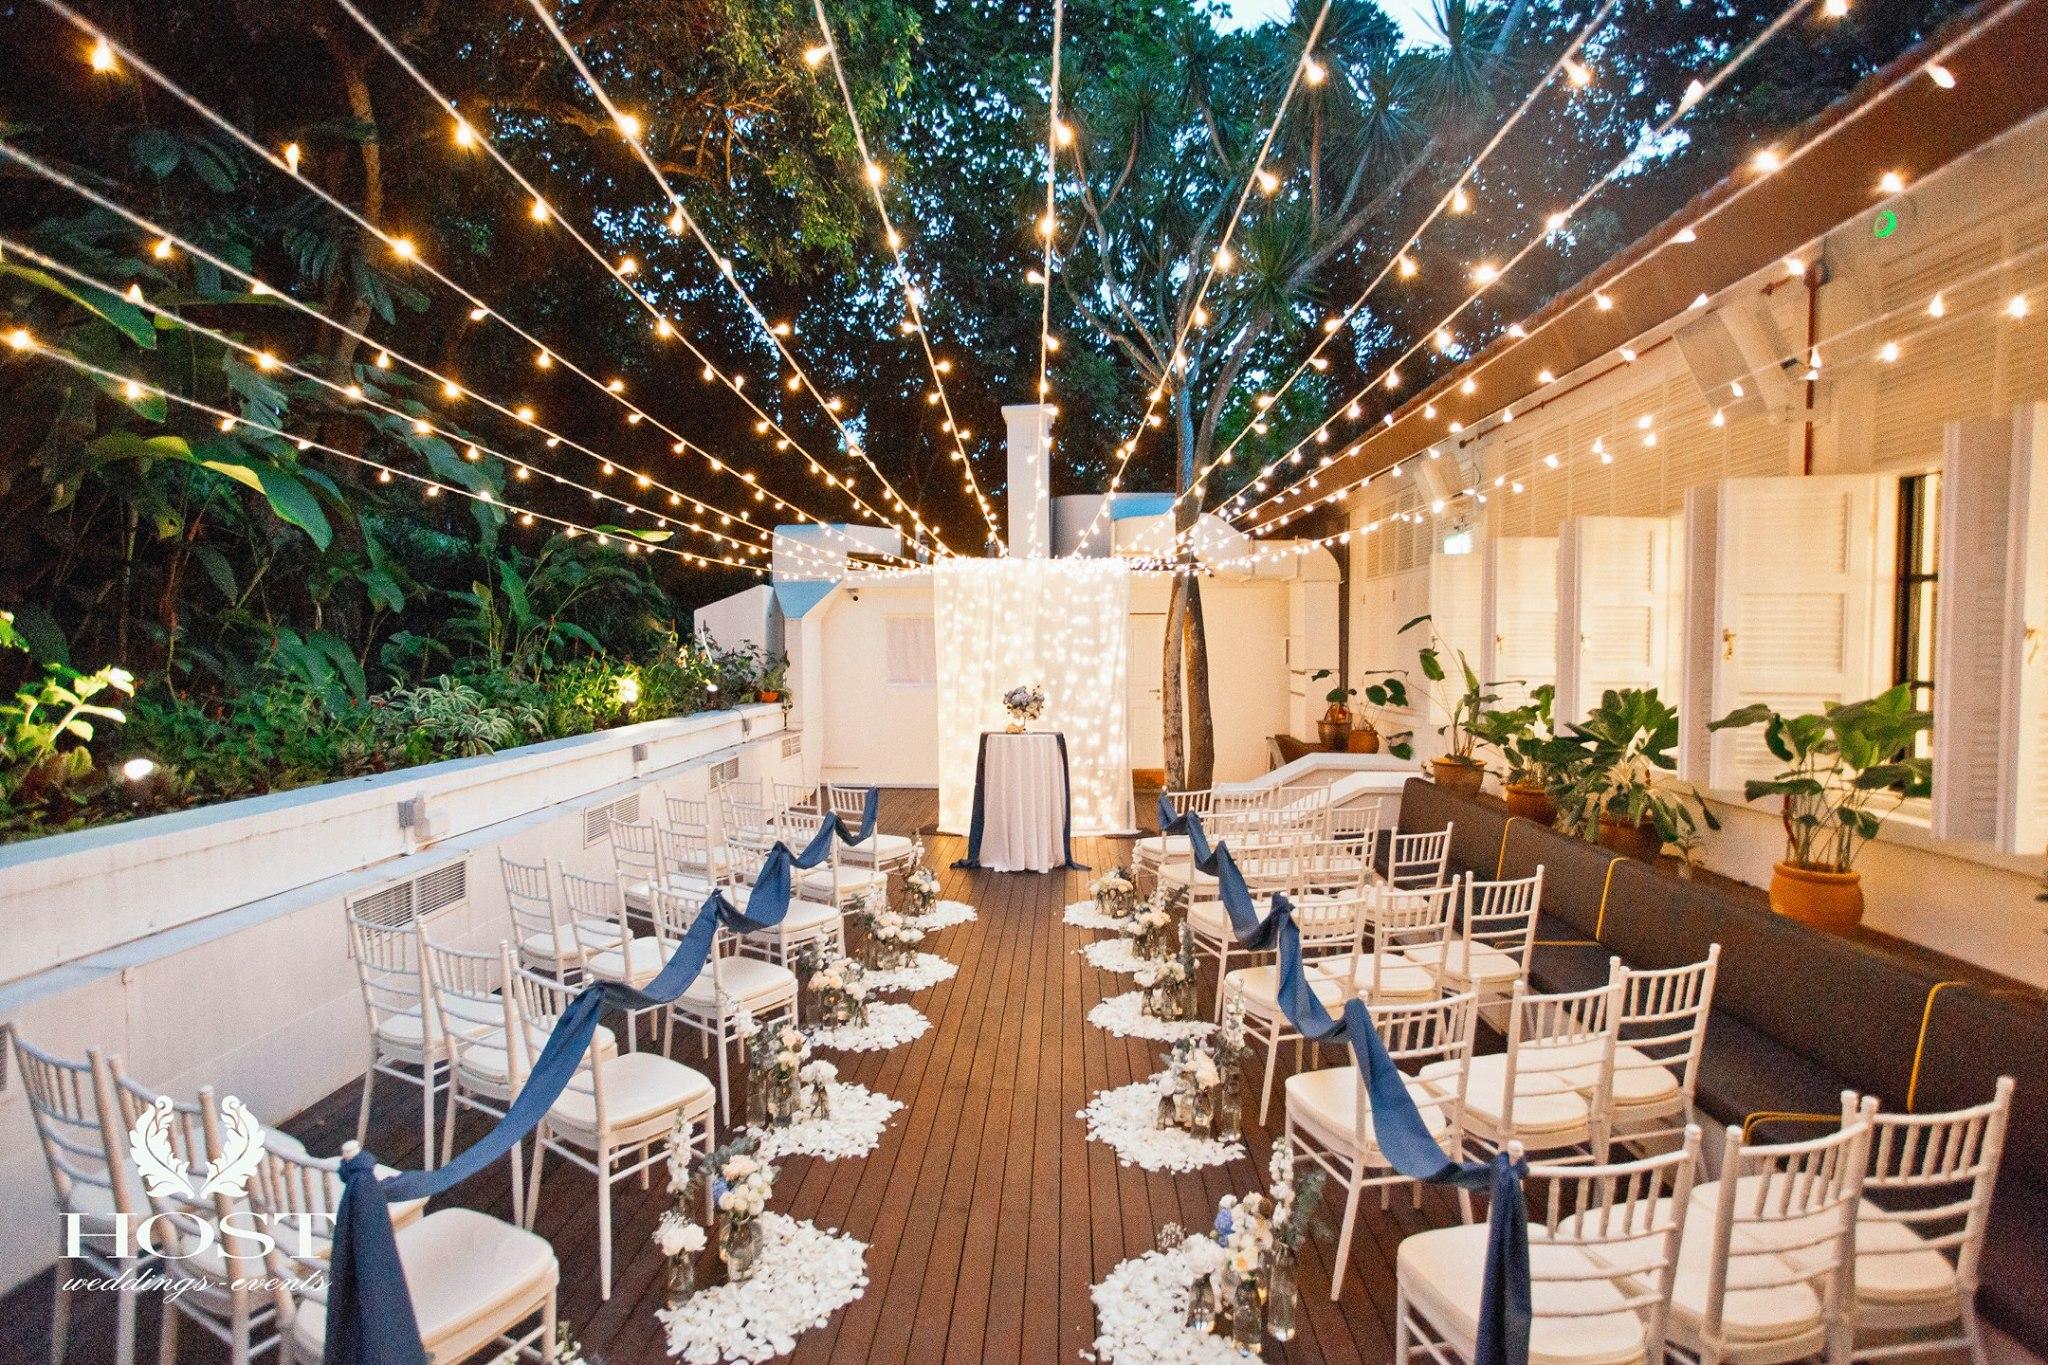 Botanico @ The Garage | Wedding Venue in Singapore | Bridestory.com